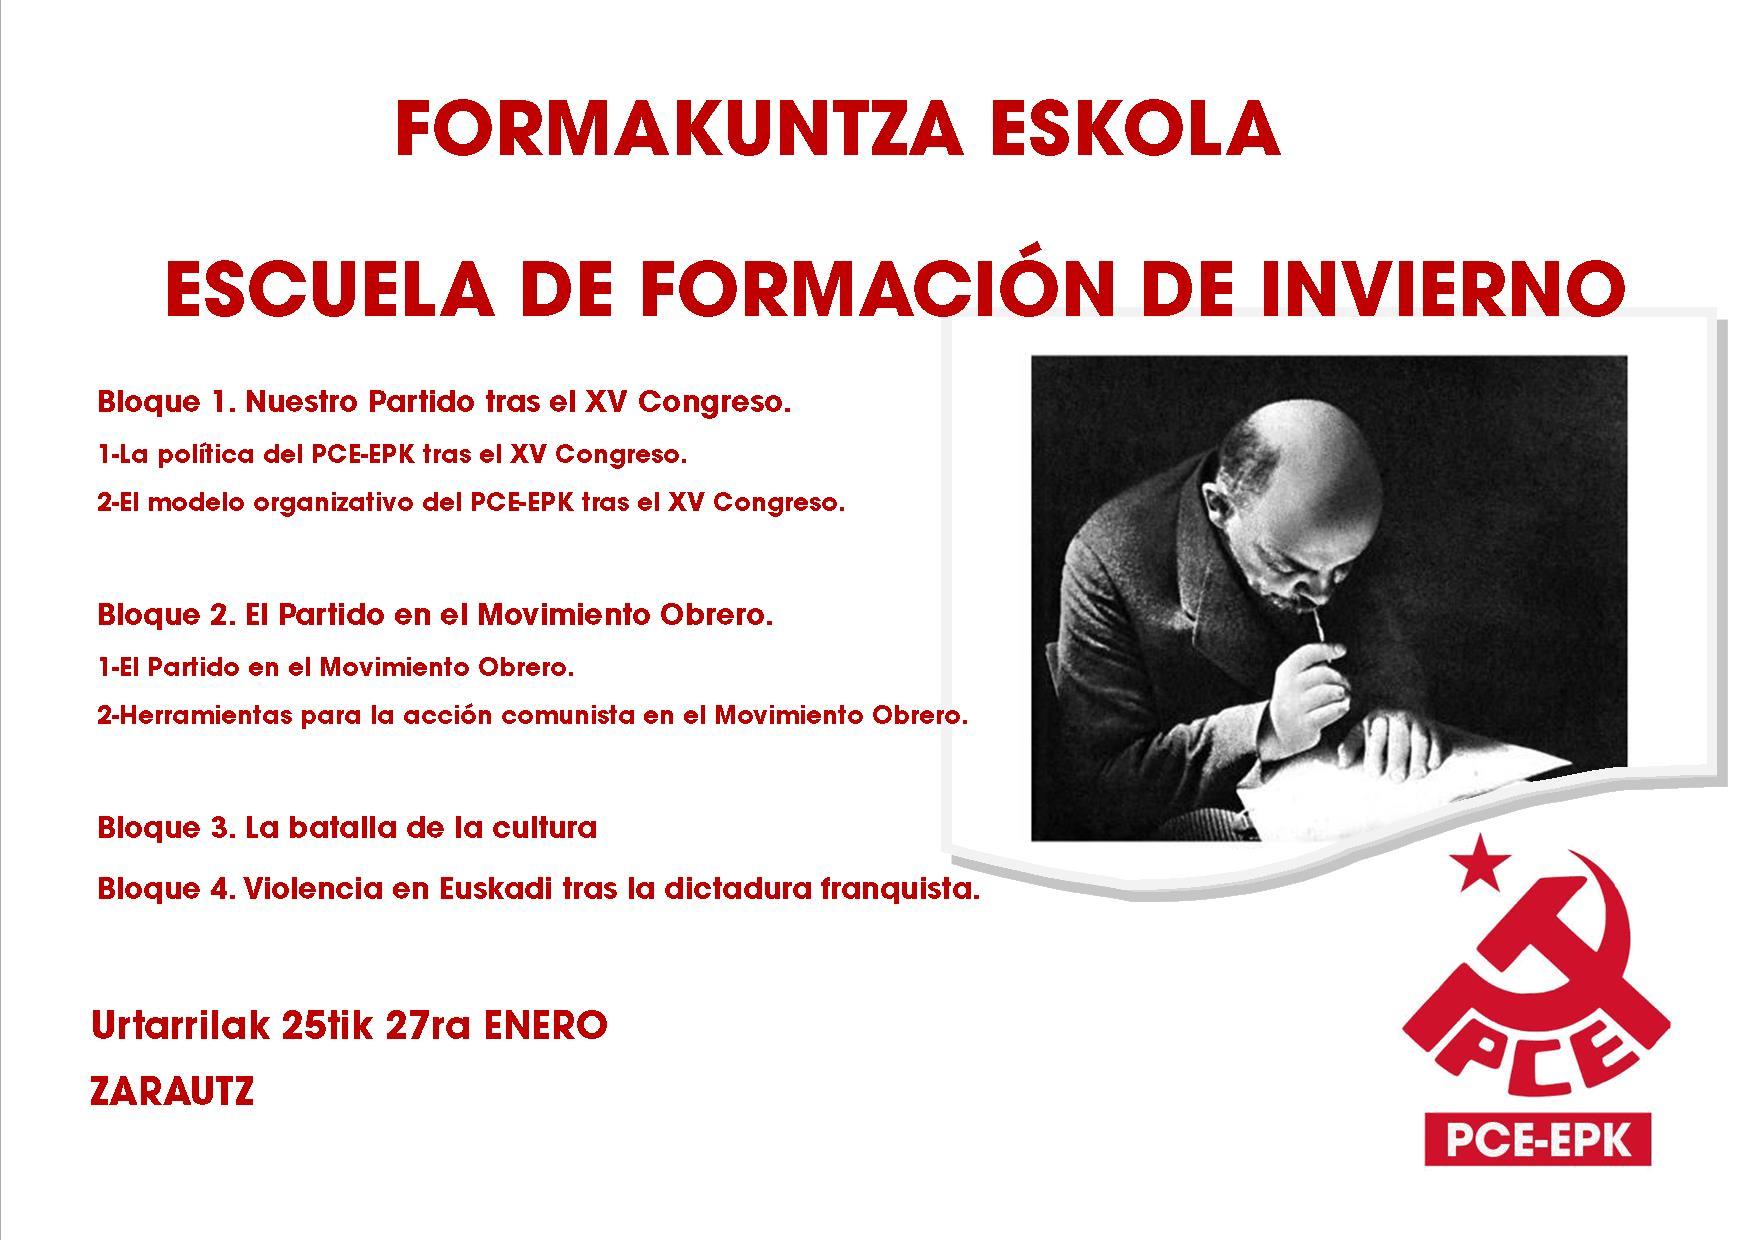 FORMAKUNTZA ESKOLA. Escuela de formación de invierno del PCE-EPK